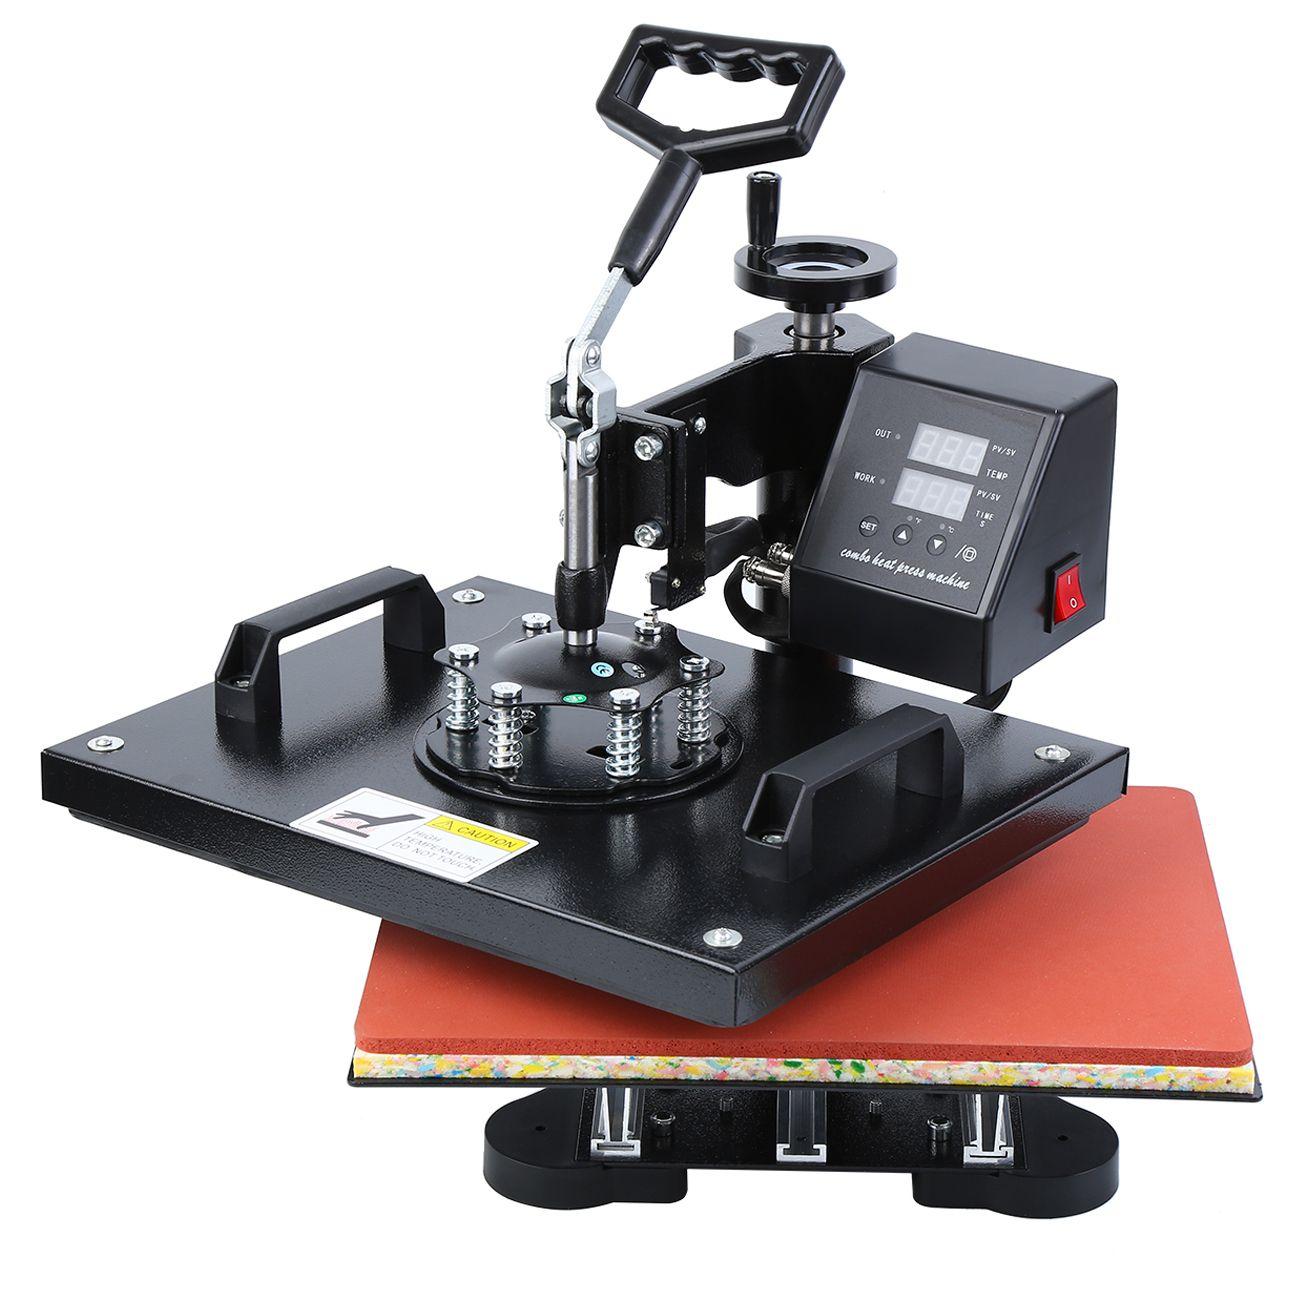 وظيفة واحدة 1400W الحرارة الصحافة صورة تي شيرت التسامي آلة نقل 30x38 سنتيمتر الساخنة الصحافة الملابس آلة الطباعة